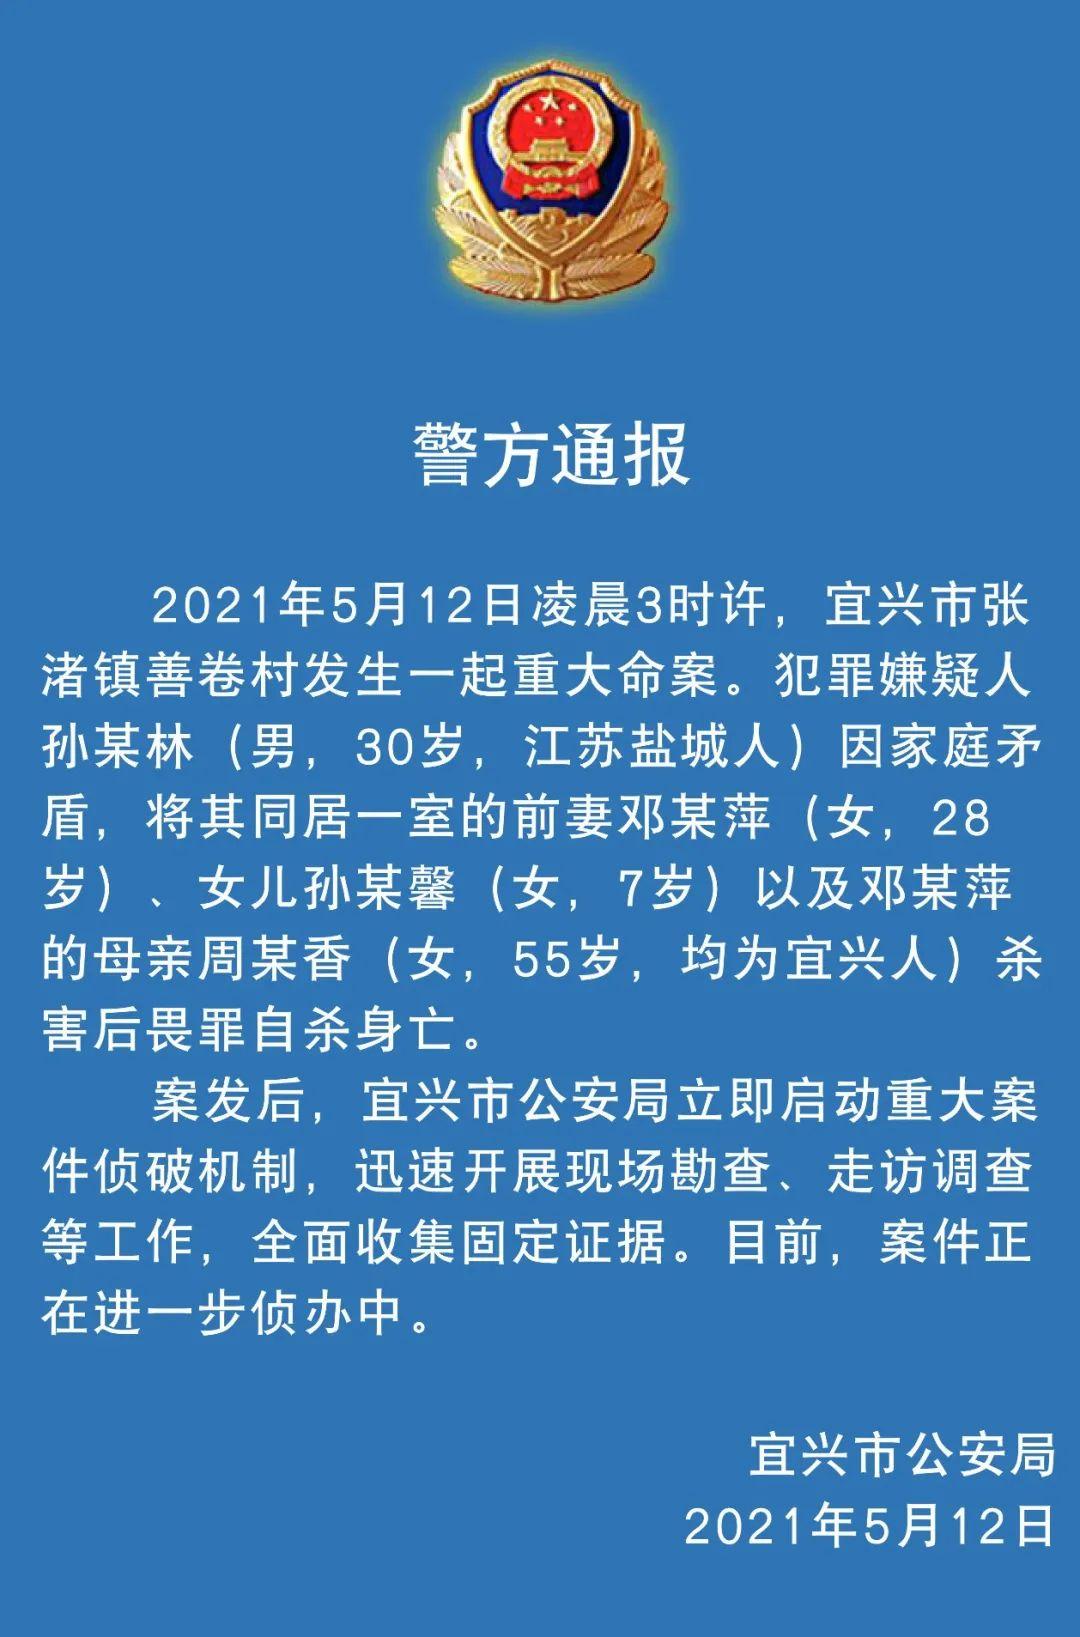 江苏宜兴男子杀害前妻、女儿和前岳母,随后驾车撞花坛身亡